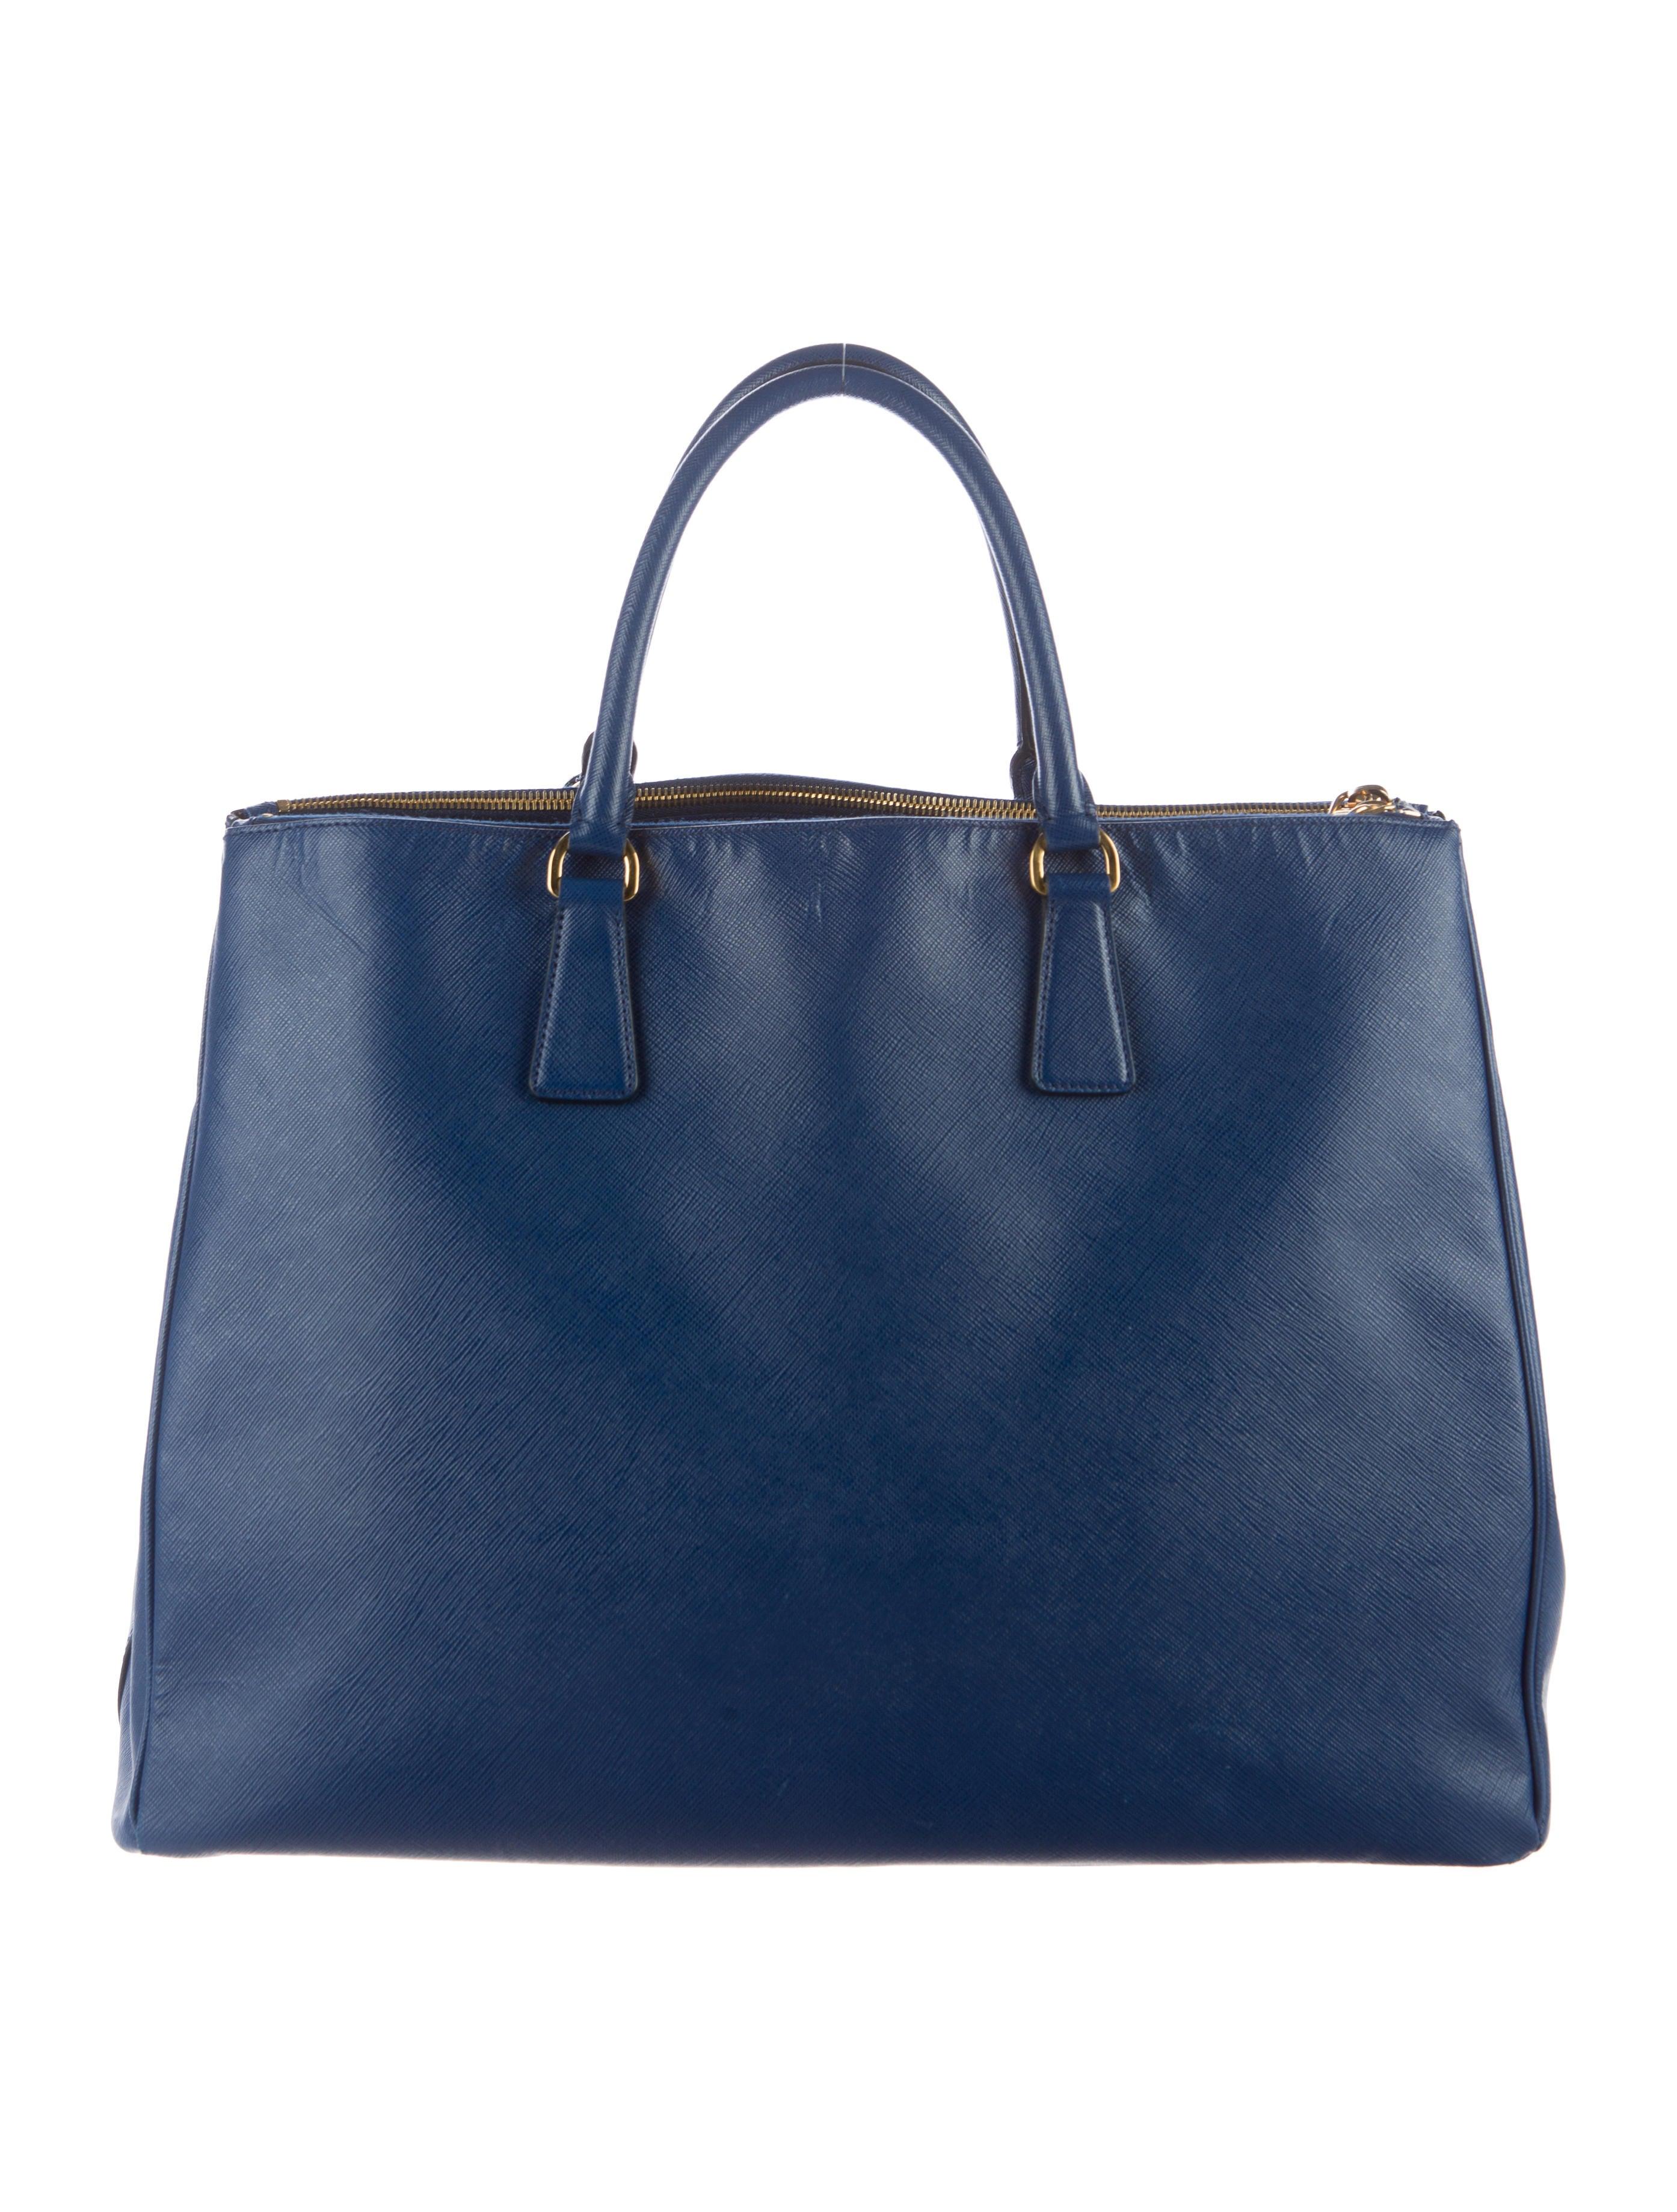 c64cc5631f63 Prada Extra Large Saffiano Lux Galleria Double Zip Tote - Handbags ...